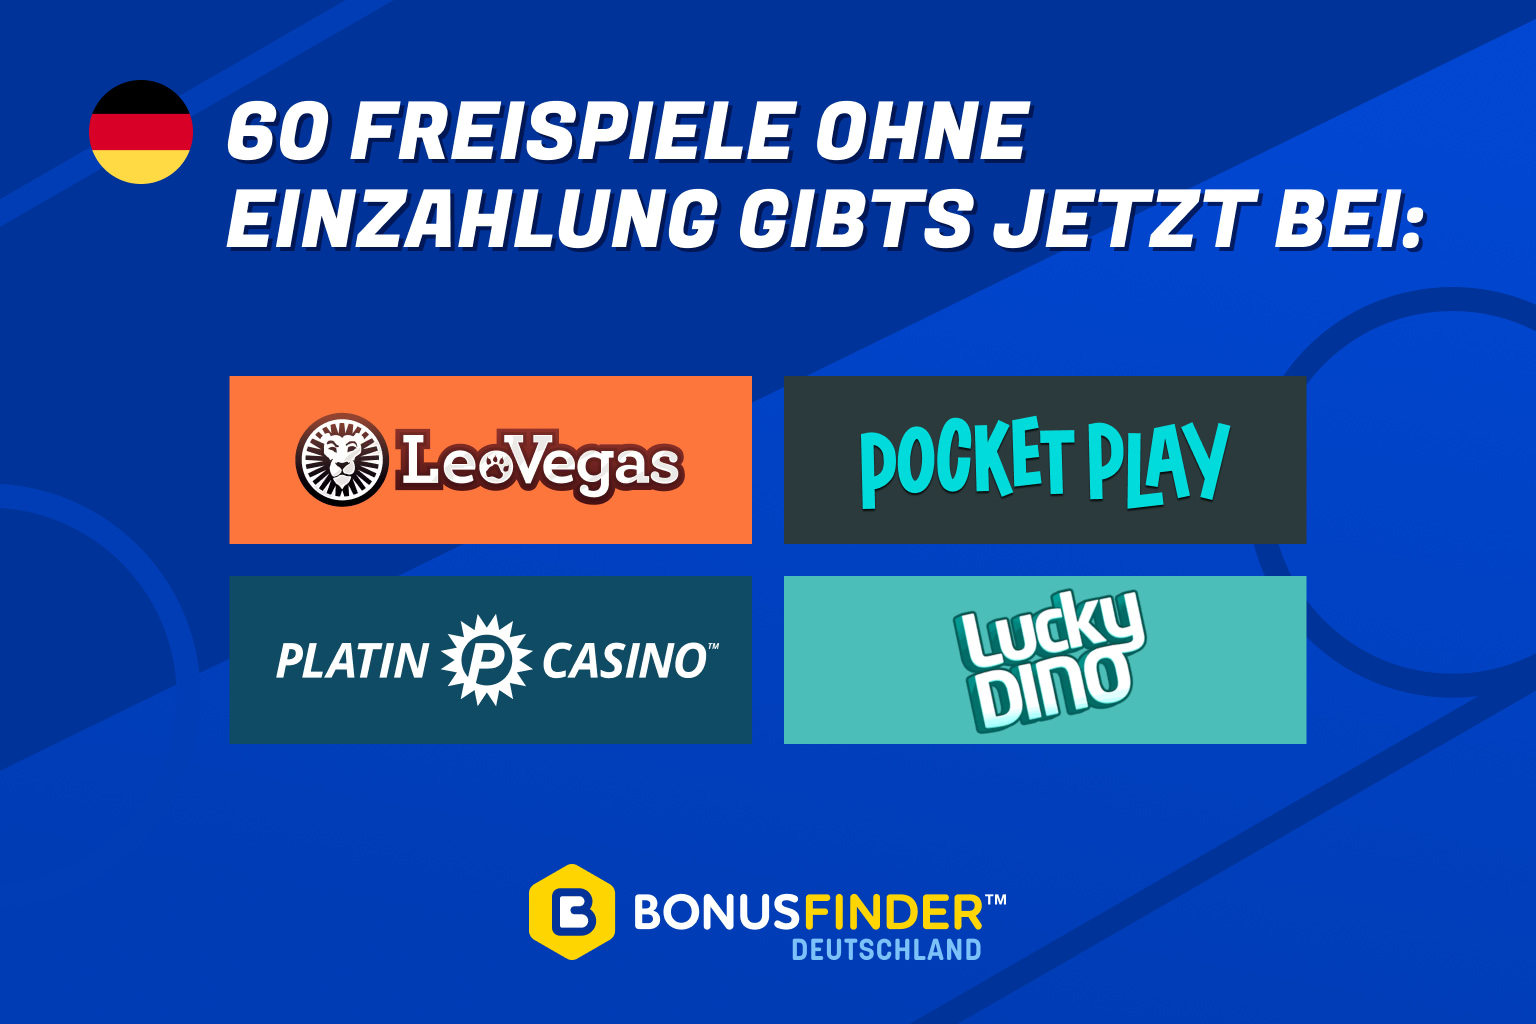 60 freispiele ohne einzahlung casinos